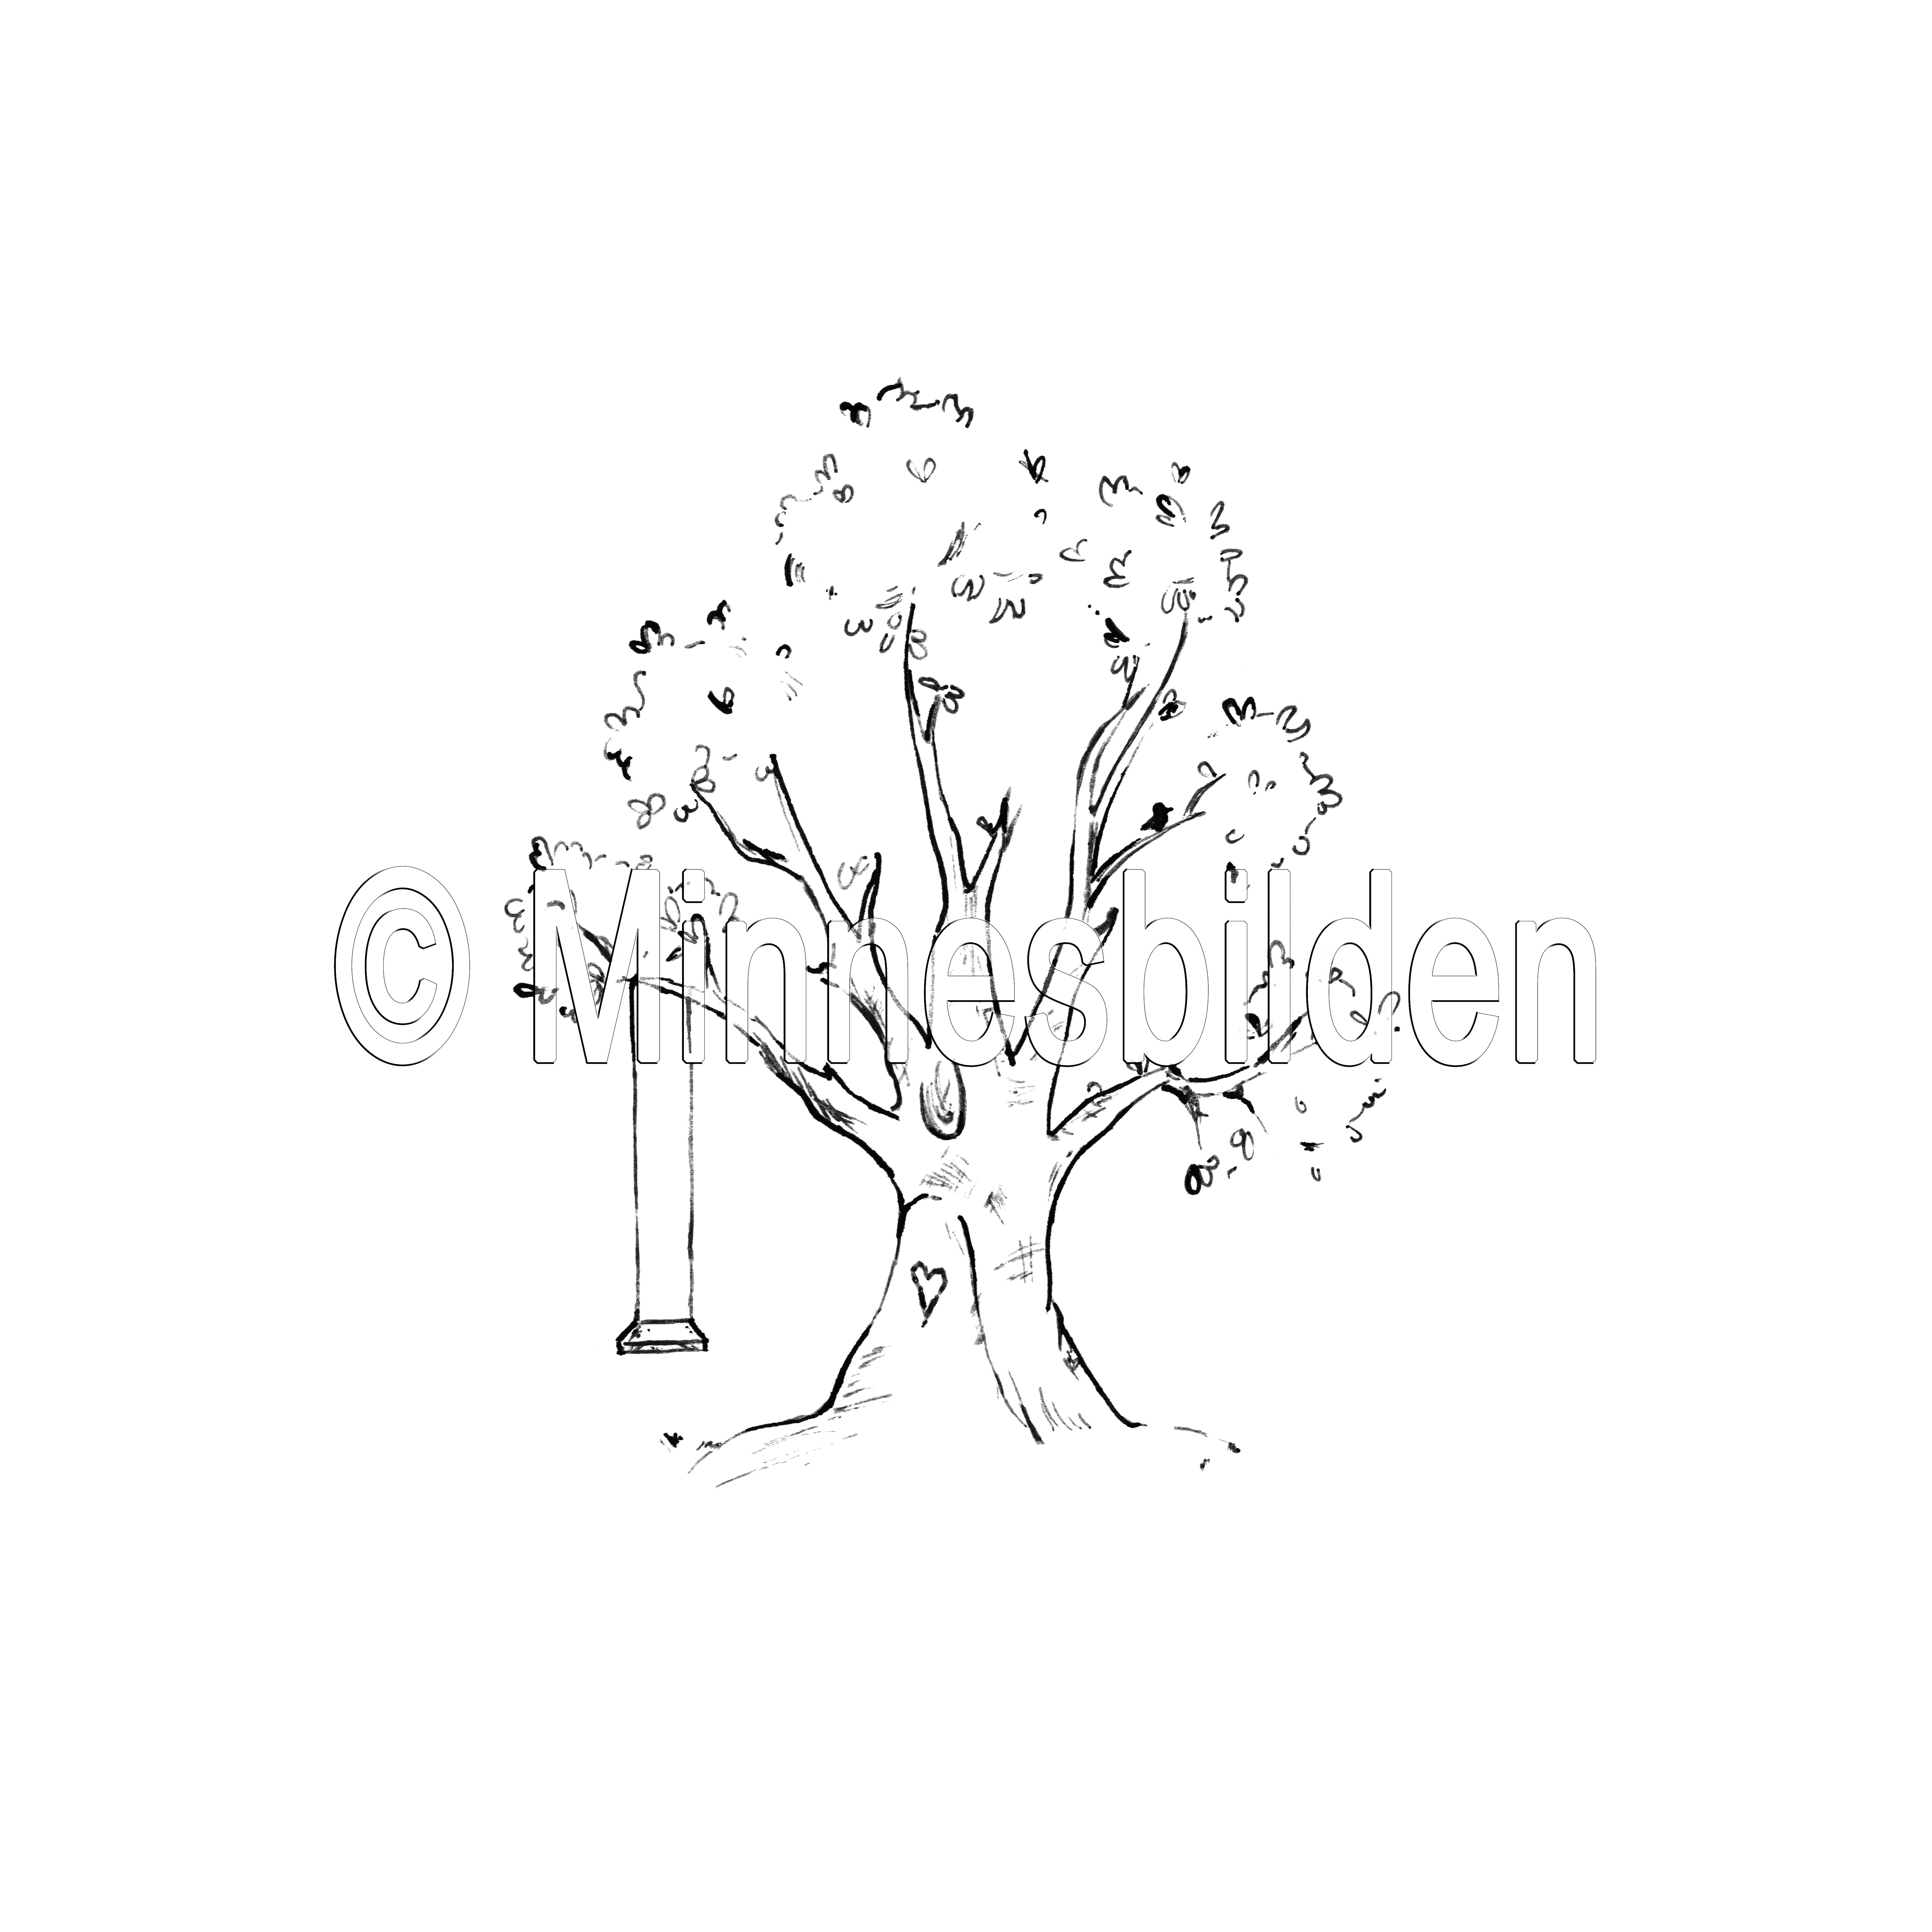 Symbol 256